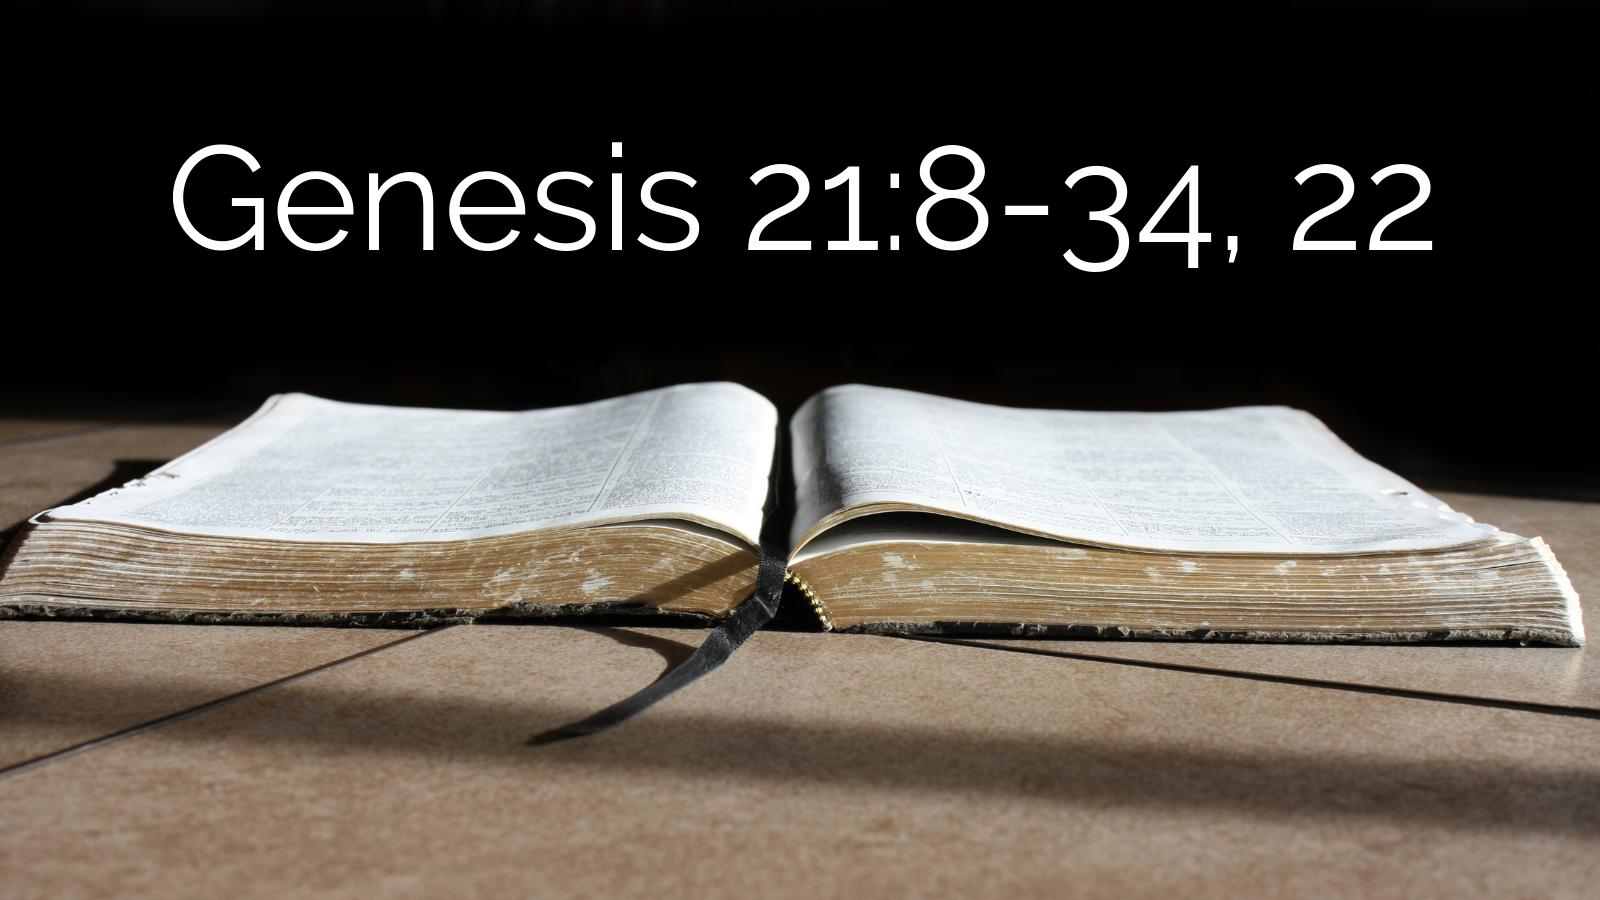 Calvary Chapel Genesis 21:8-34, 22